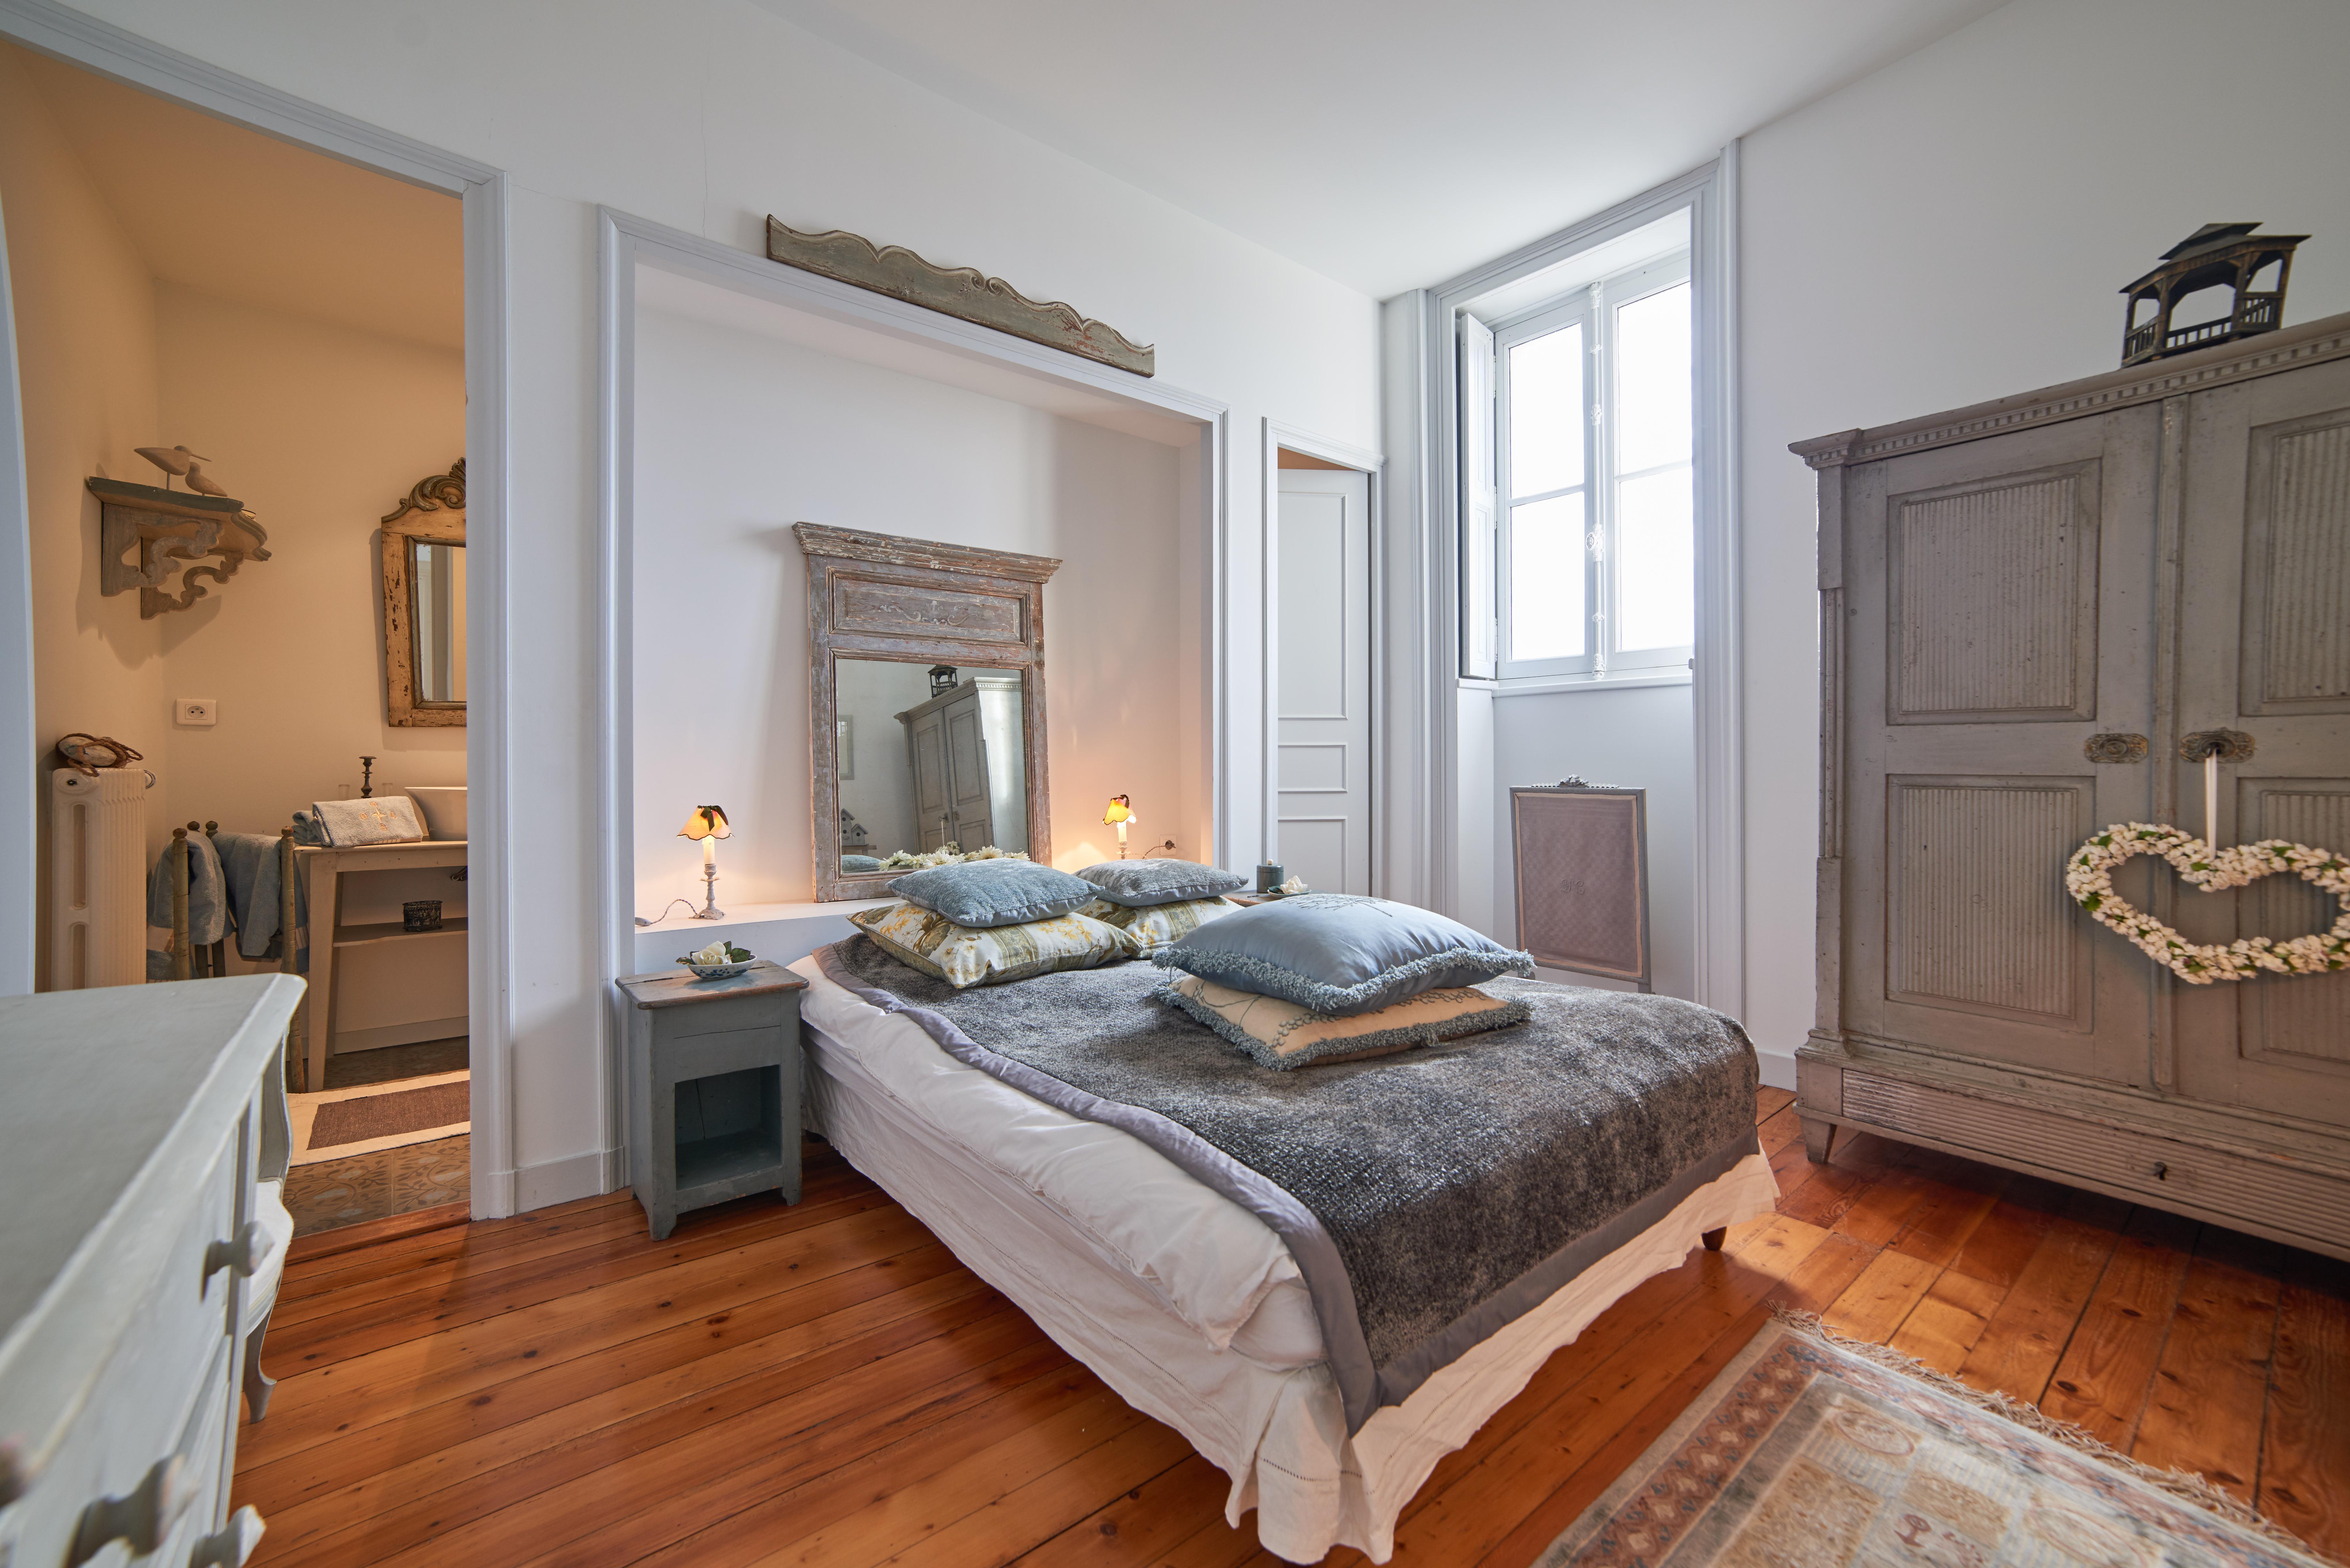 Maison d h´te de charme en Vendée Le Céladon